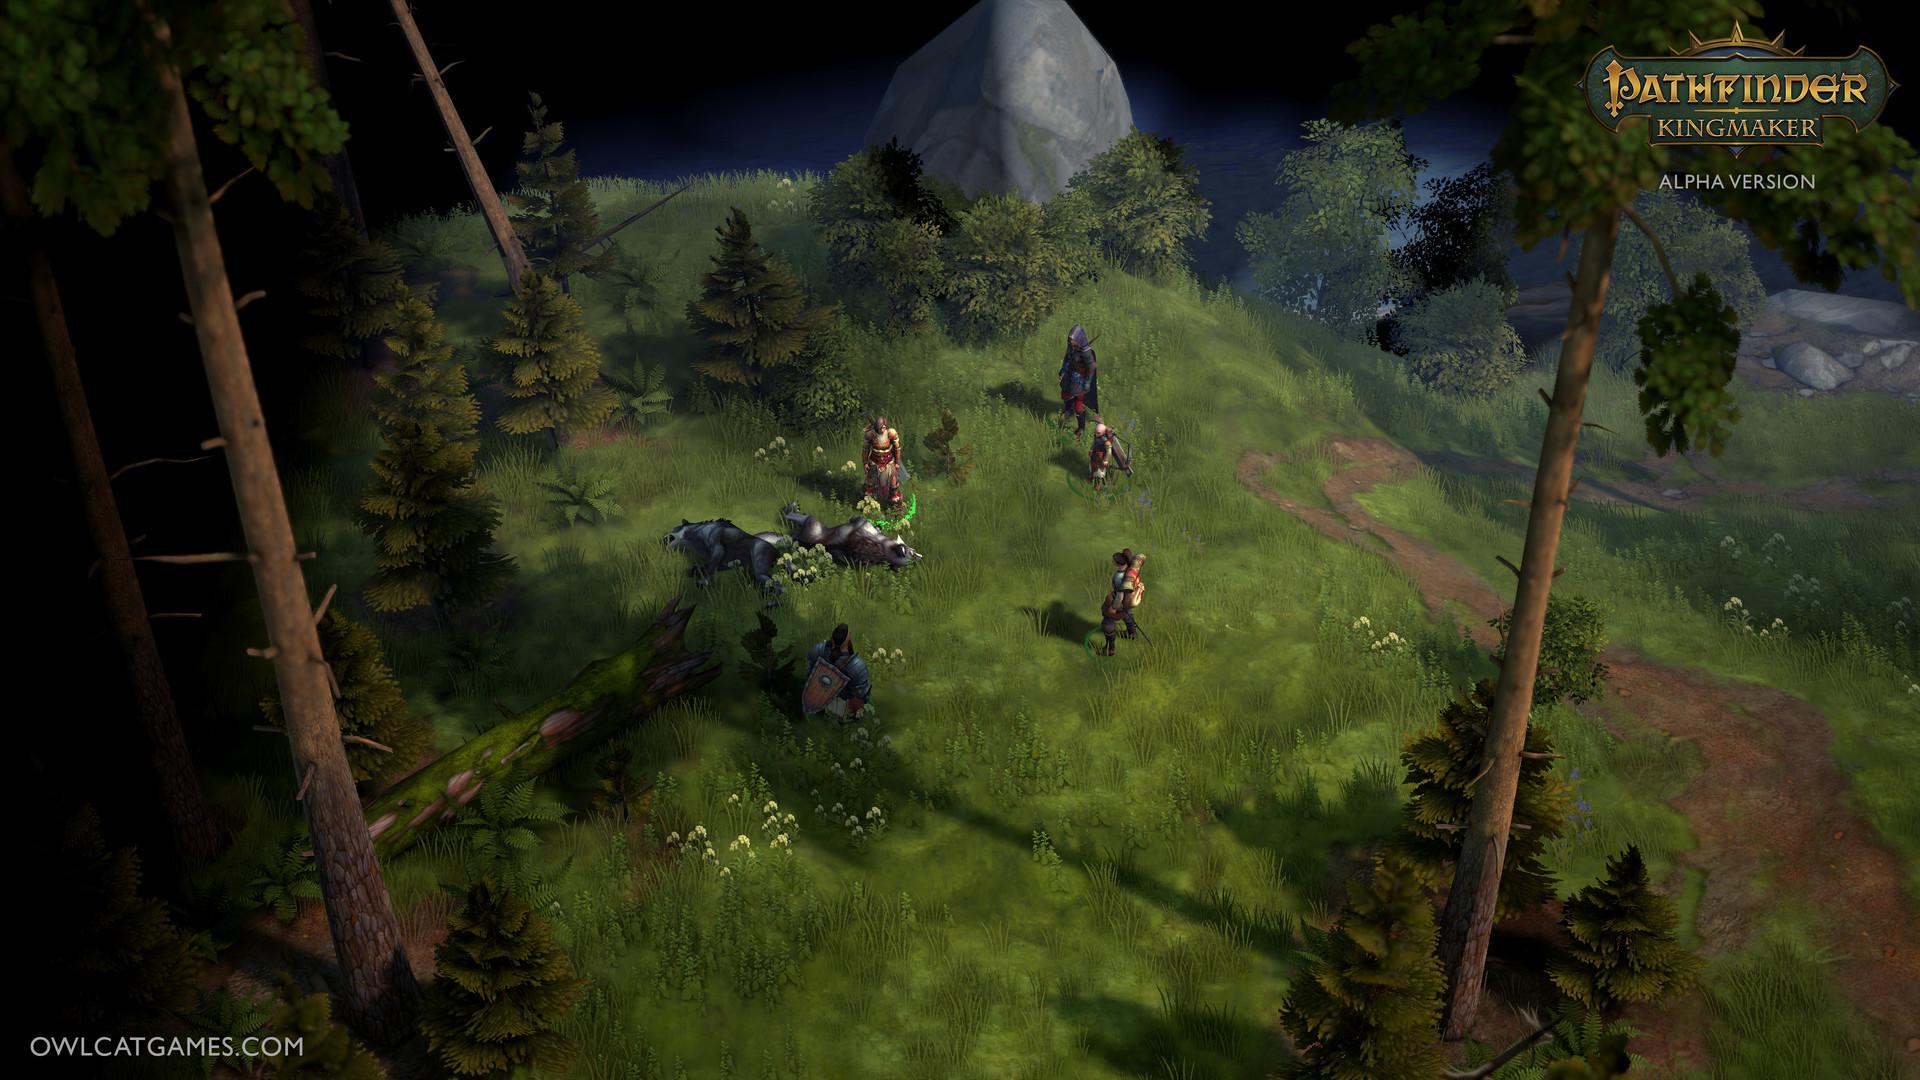 开拓者:拥王者(Pathfinder: Kingmaker)免安装绿色中文版|DLC|升级档|网盘下载